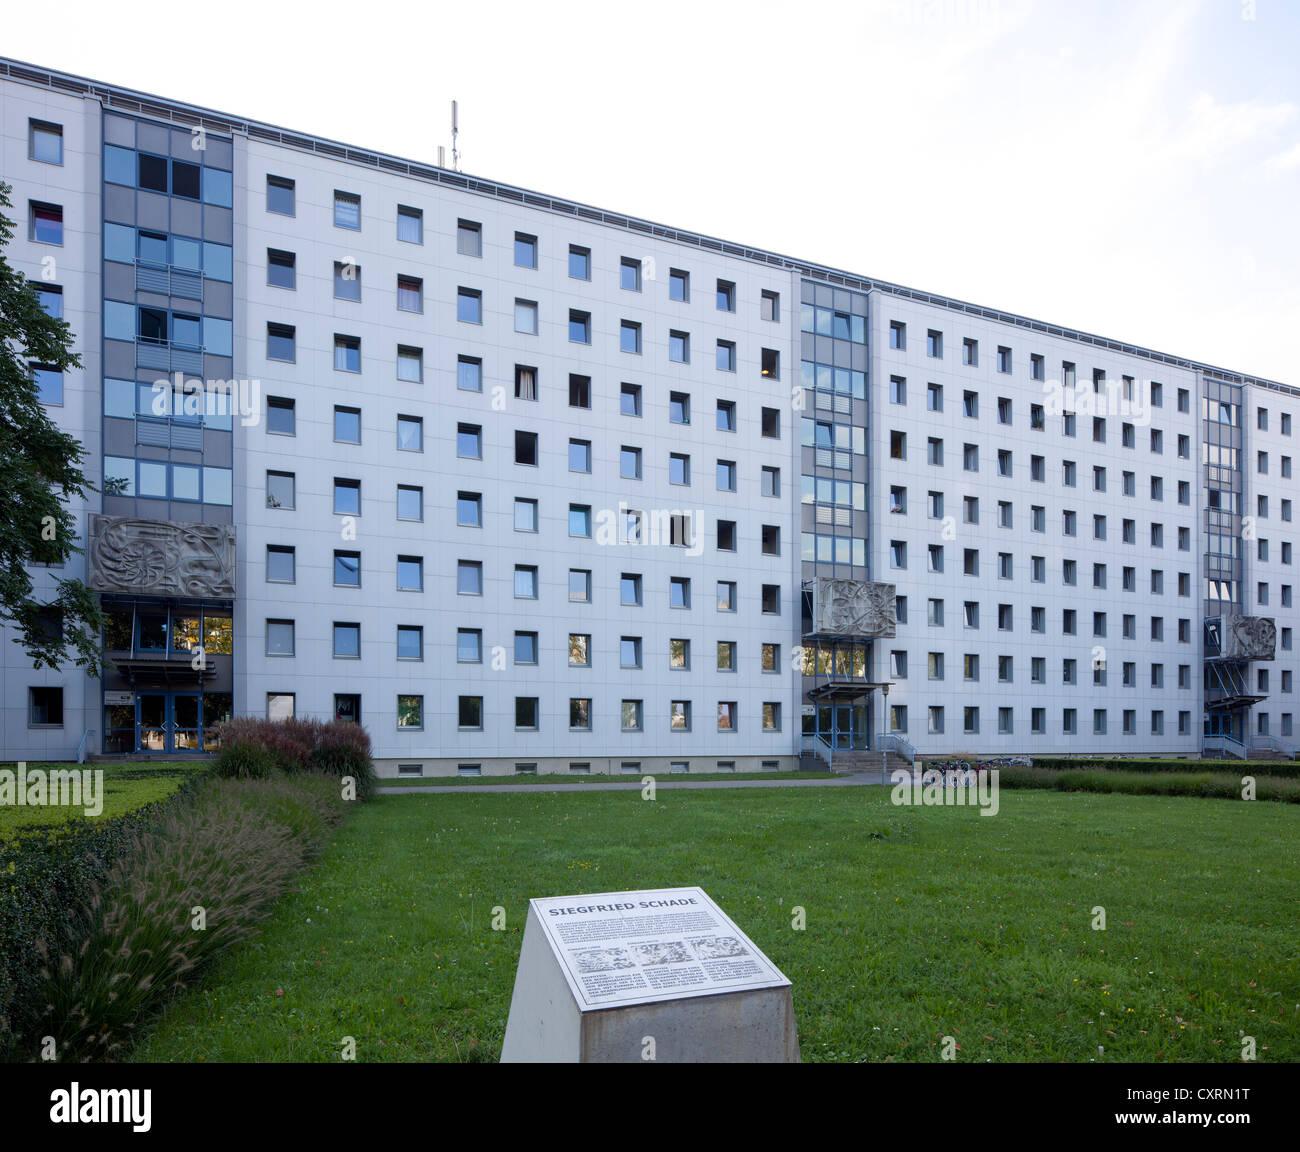 Hostal de Estudiantes, Dresden, sindicato de estudiantes, la Universidad Tecnológica de Dresde, Universidad Imagen De Stock